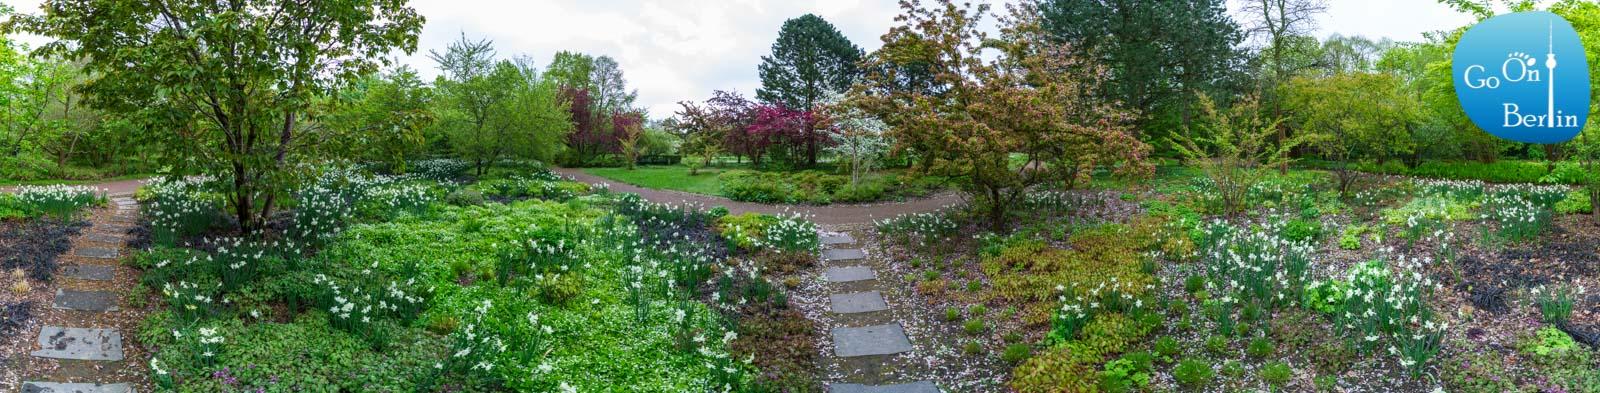 בריצר גארטן - Britzer Garten